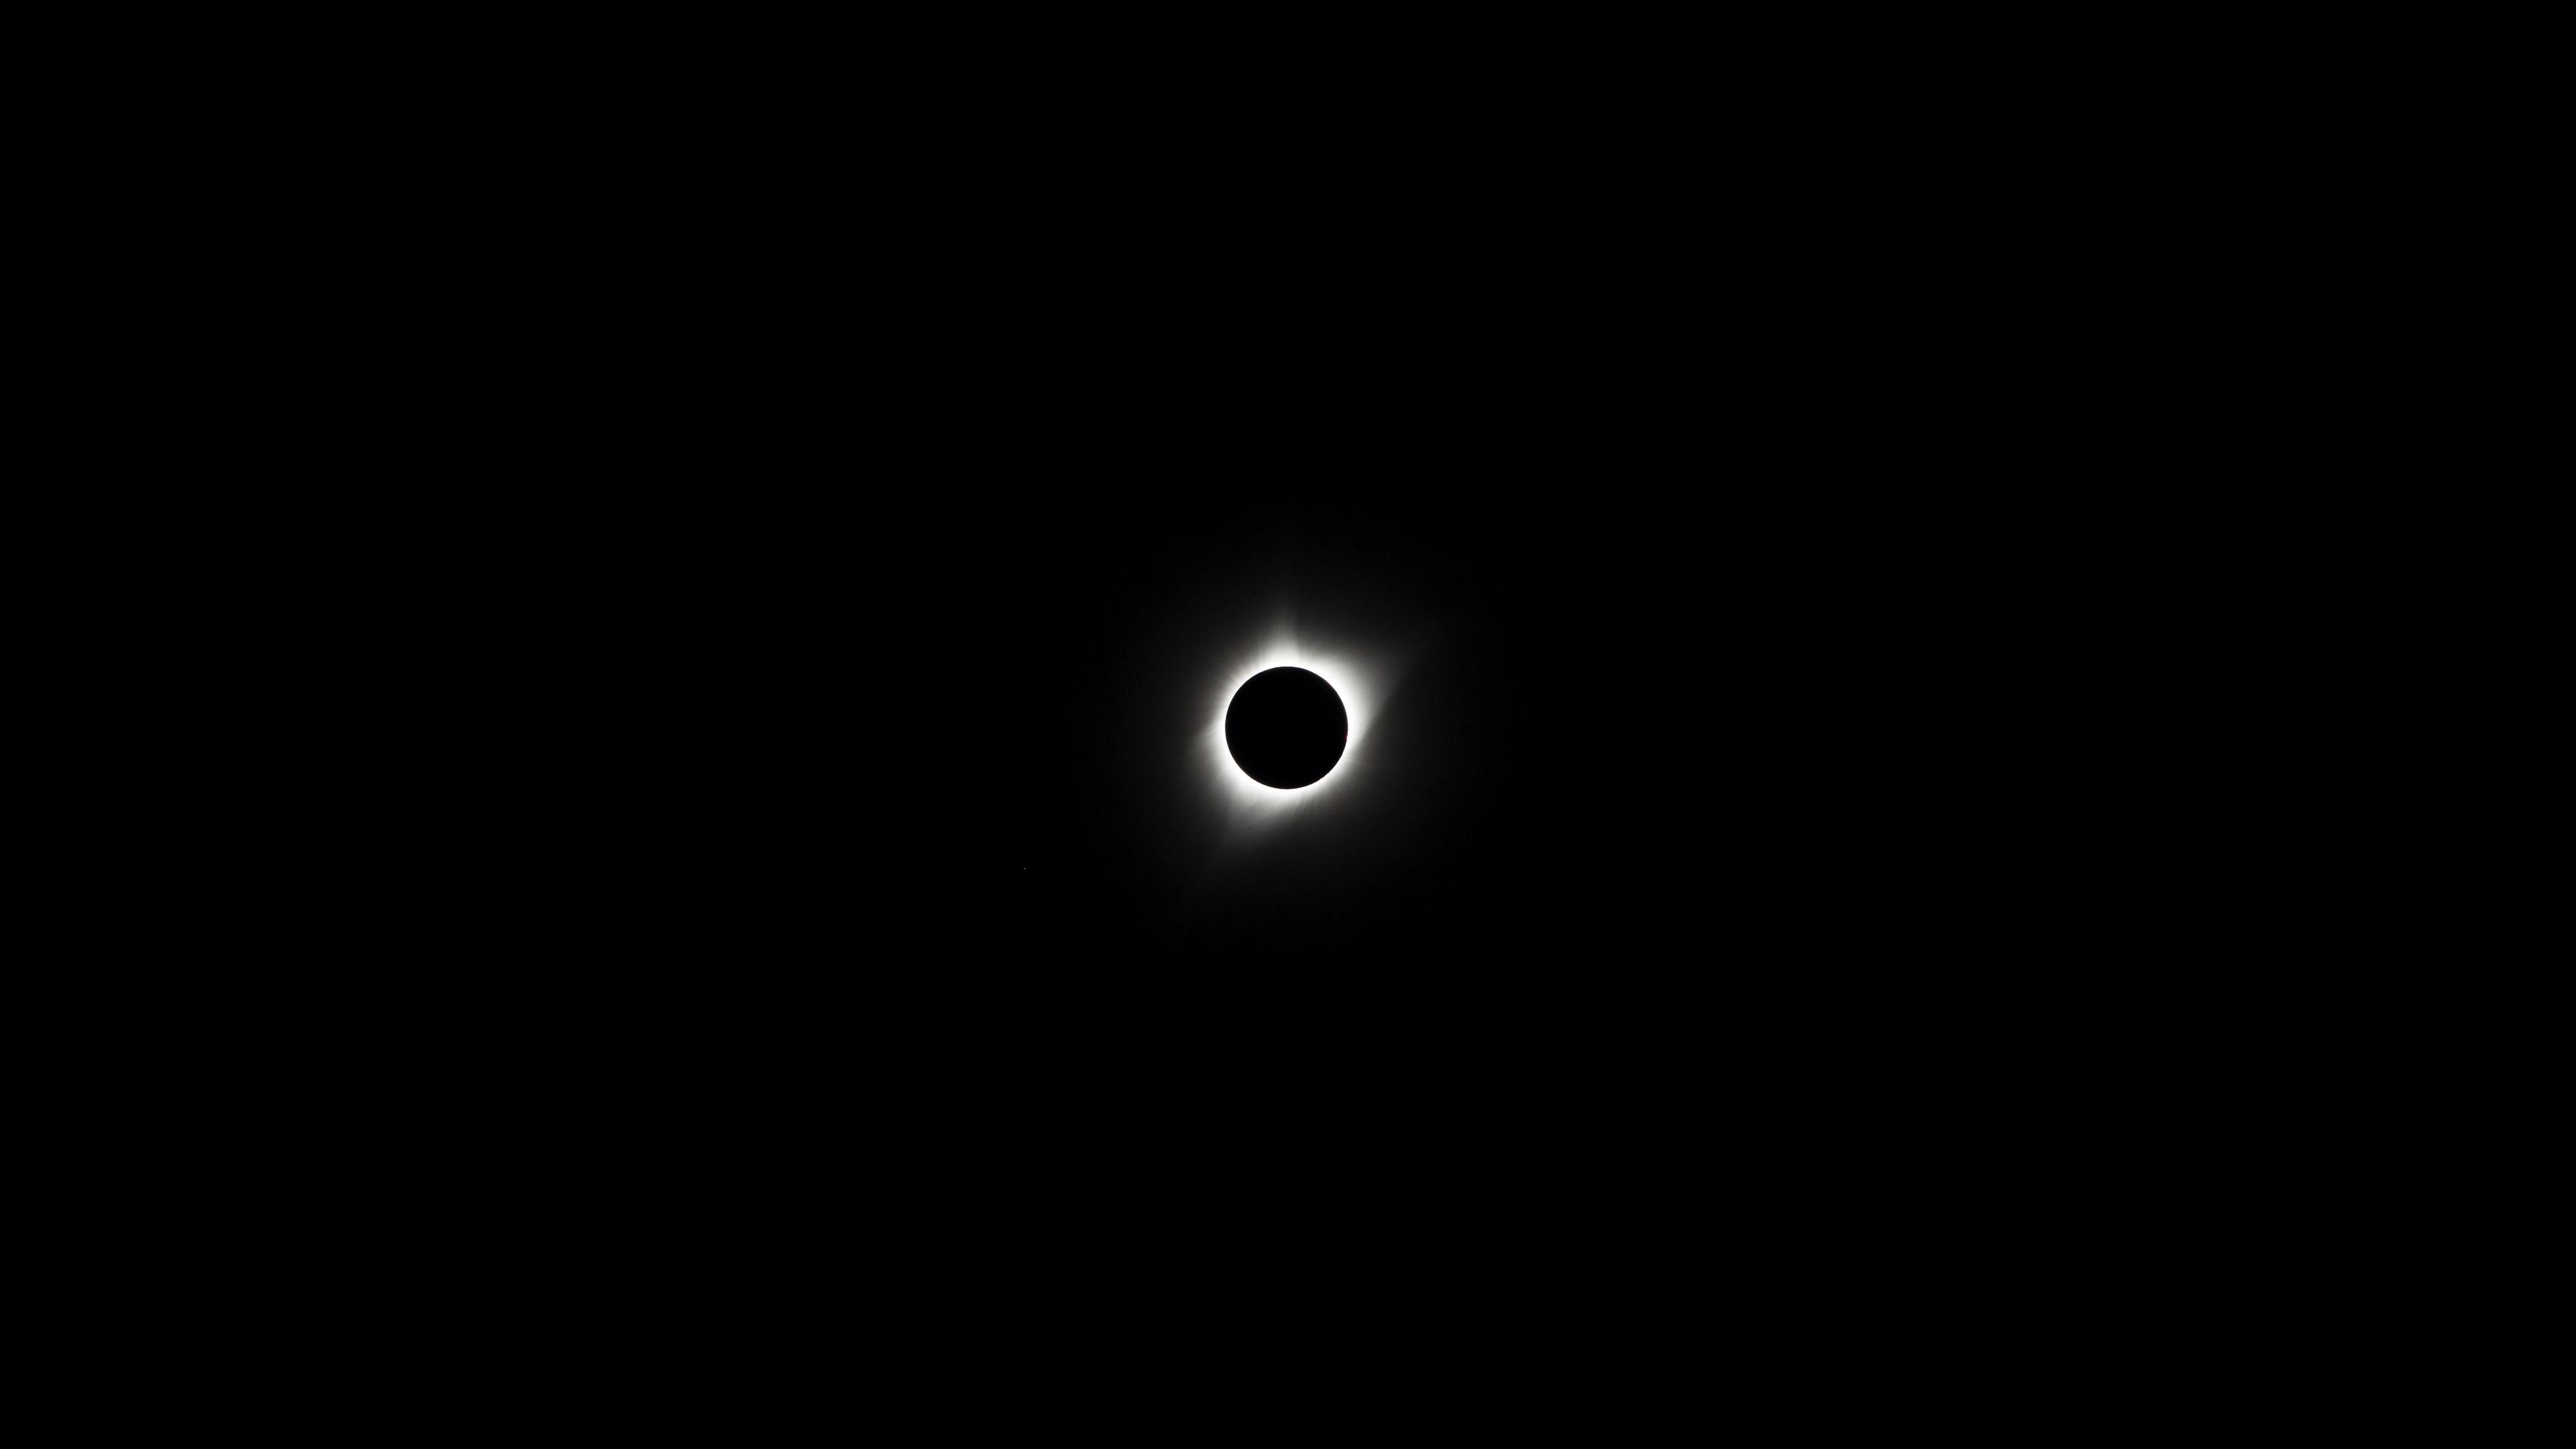 eclipse moon dark background 4k 1536013786 - eclipse, moon, dark background 4k - Moon, Eclipse, dark background